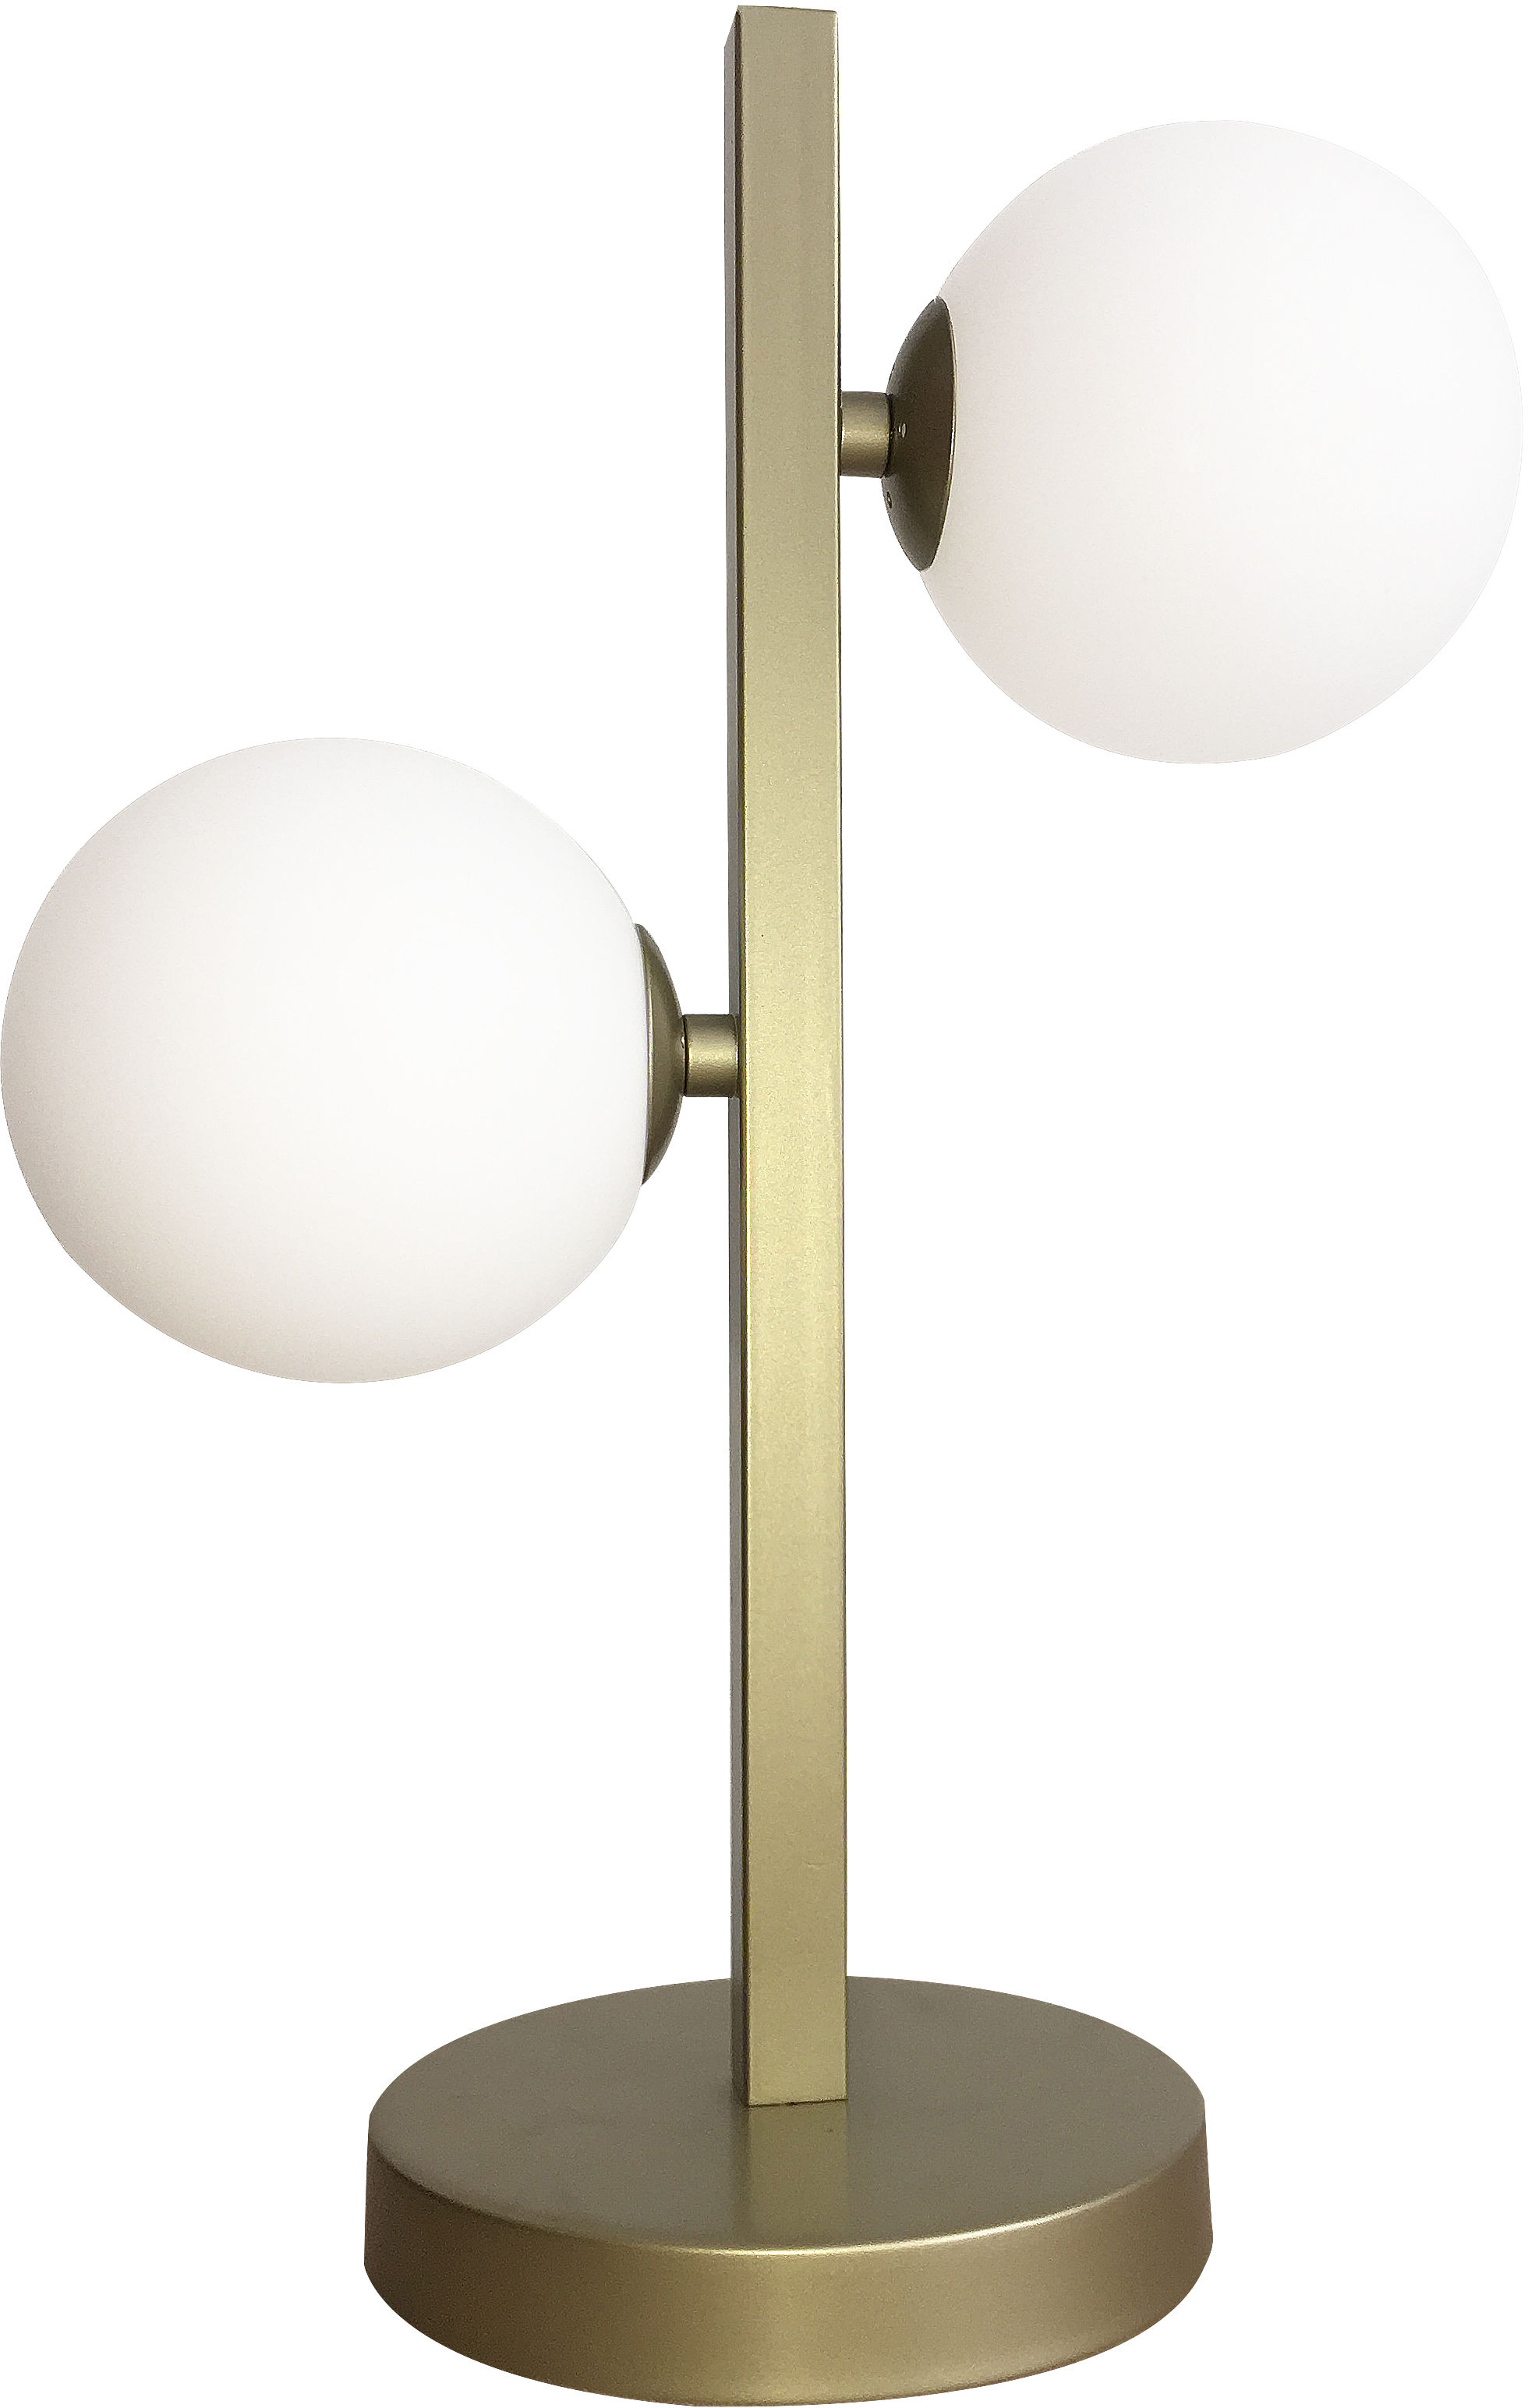 Candellux KAMA 42-73433 lampa stołowa mosiądz dwa białe klosze kula 2X28W G9 12 cm